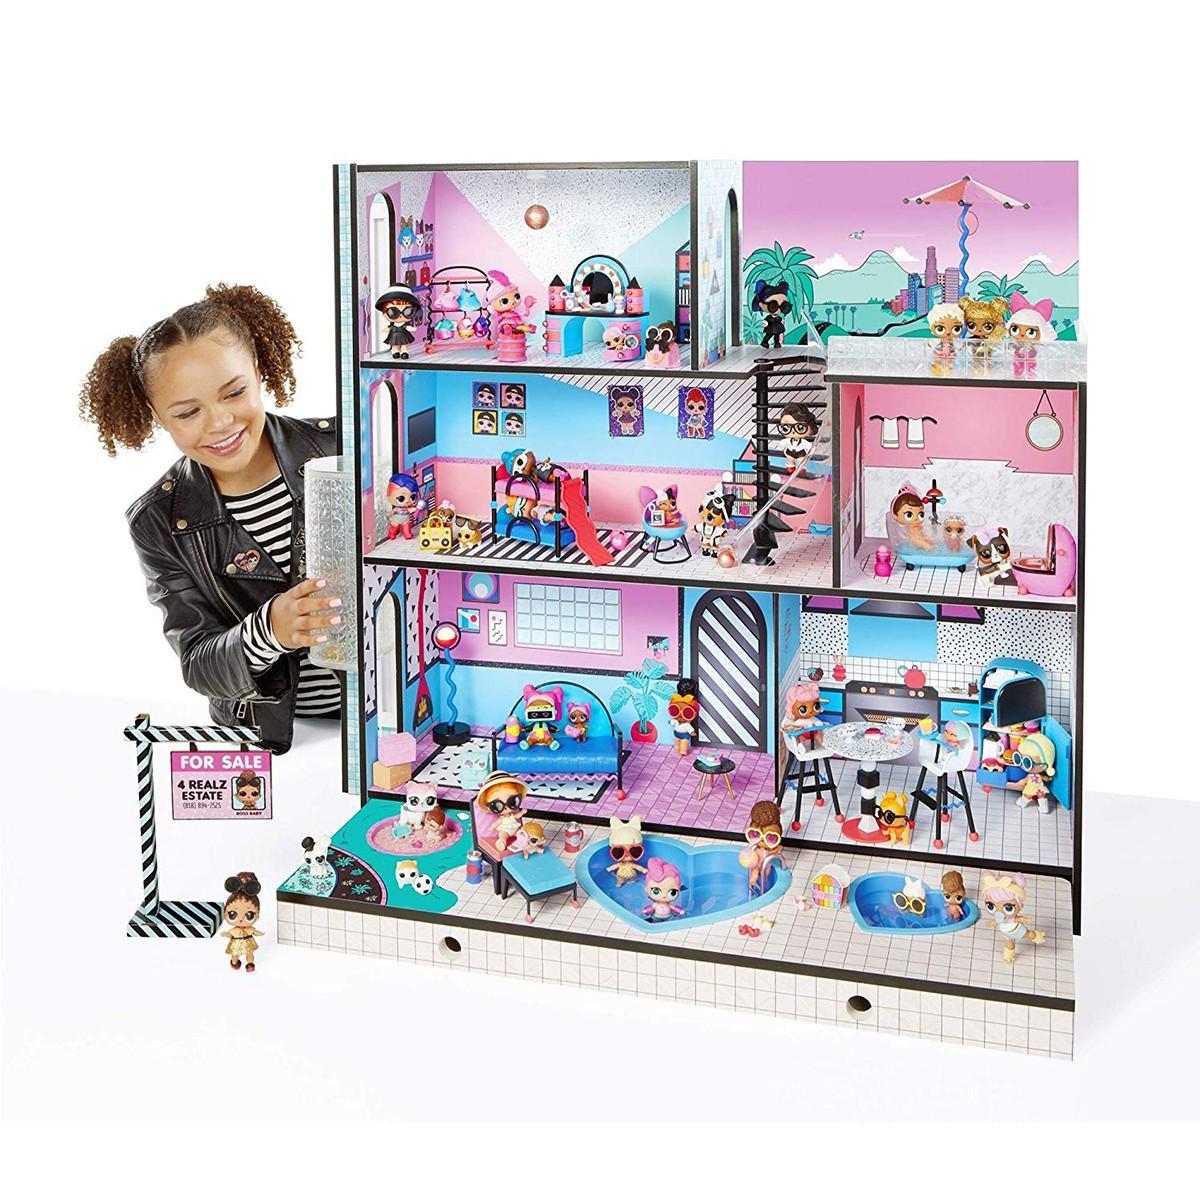 Домик для кукол ЛОЛ Сюрприз Модный особняк с бассейном и с семьей лол - LOL Surprise House 555001